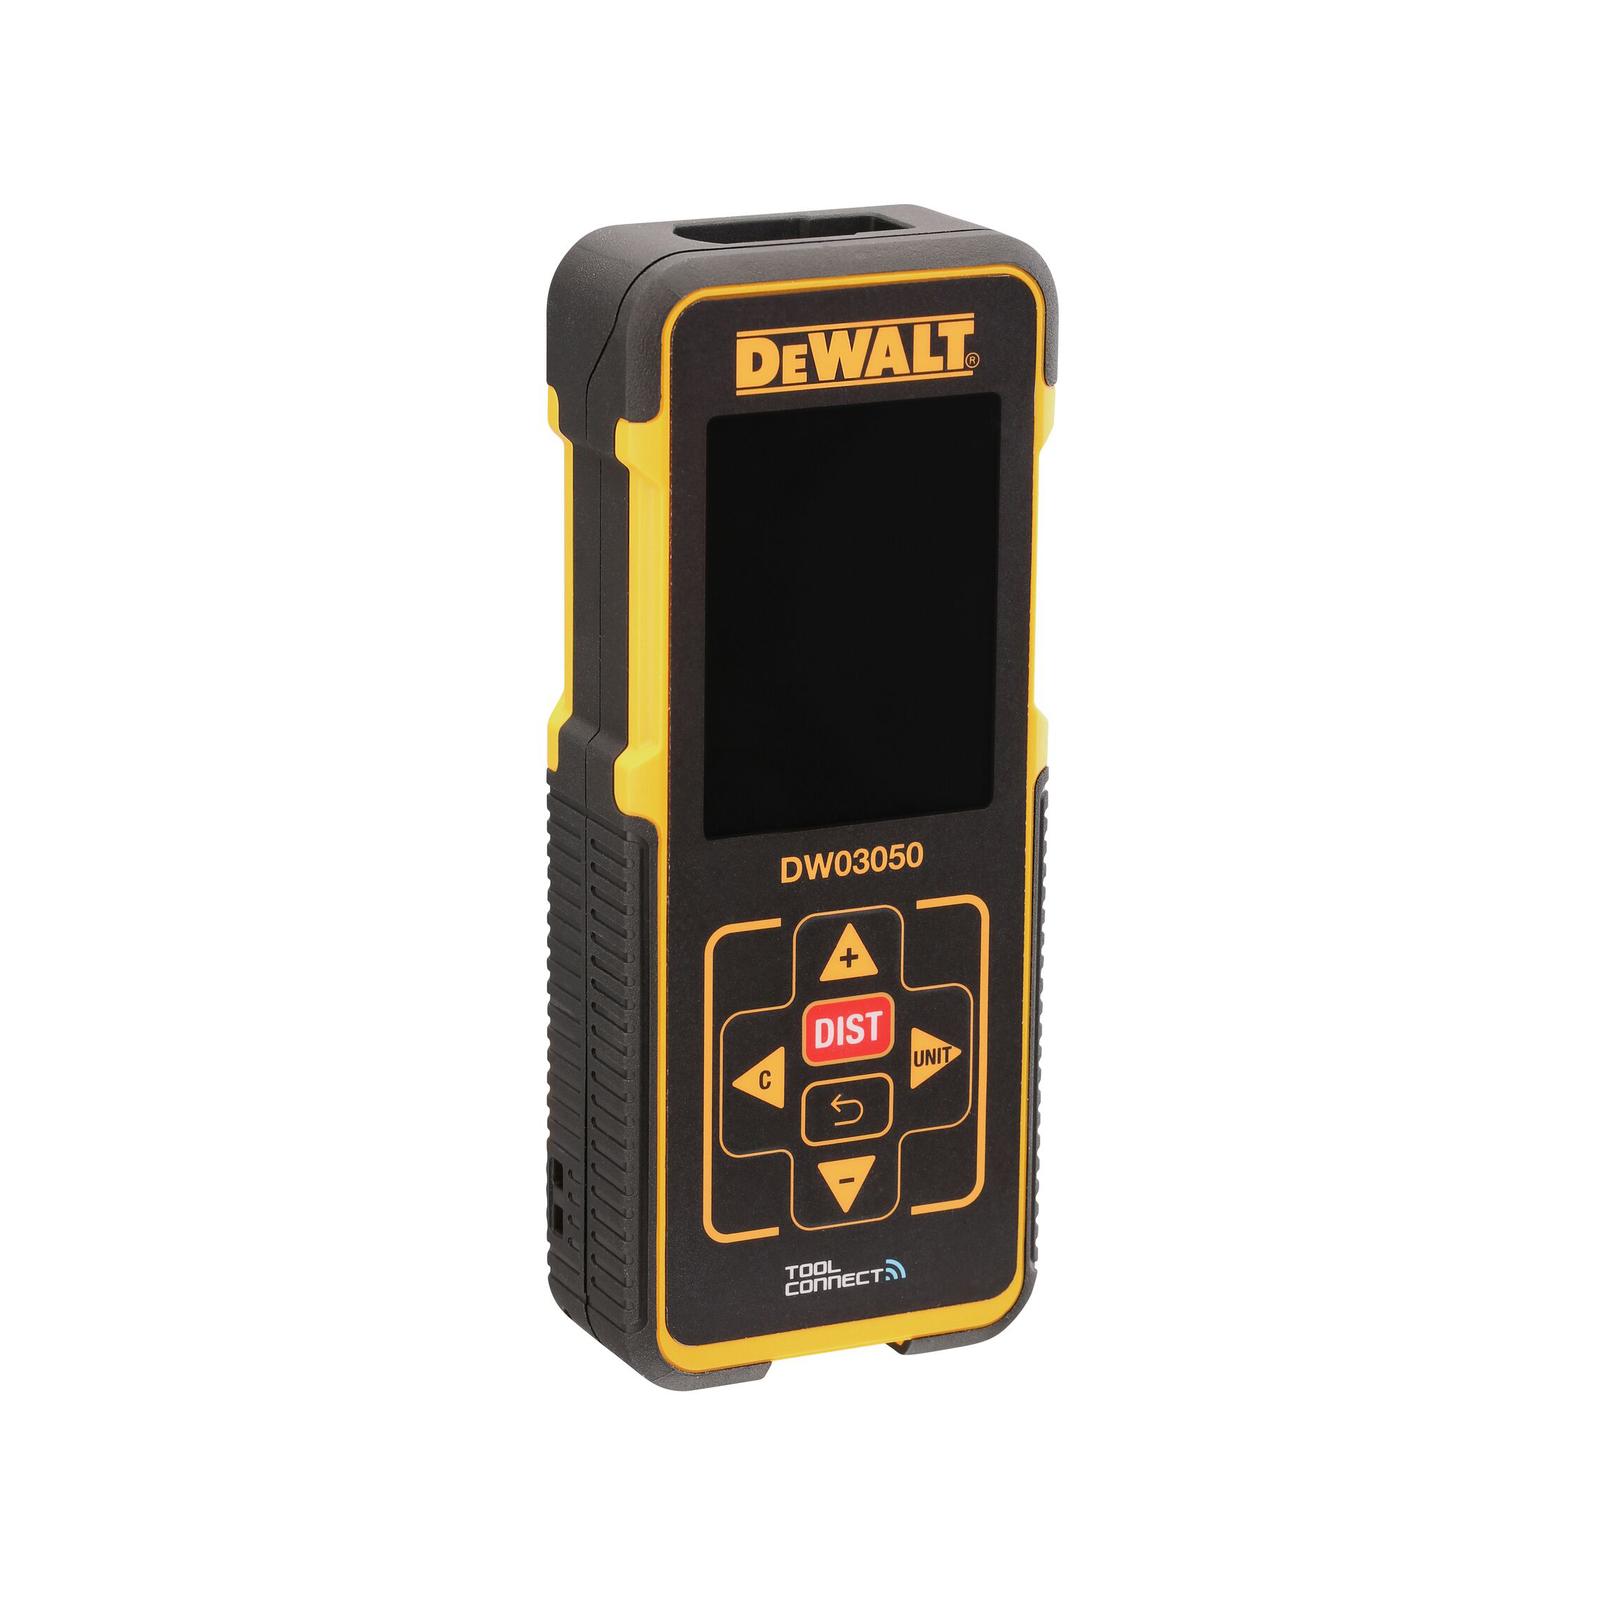 DeWALT 50m Distance Laser